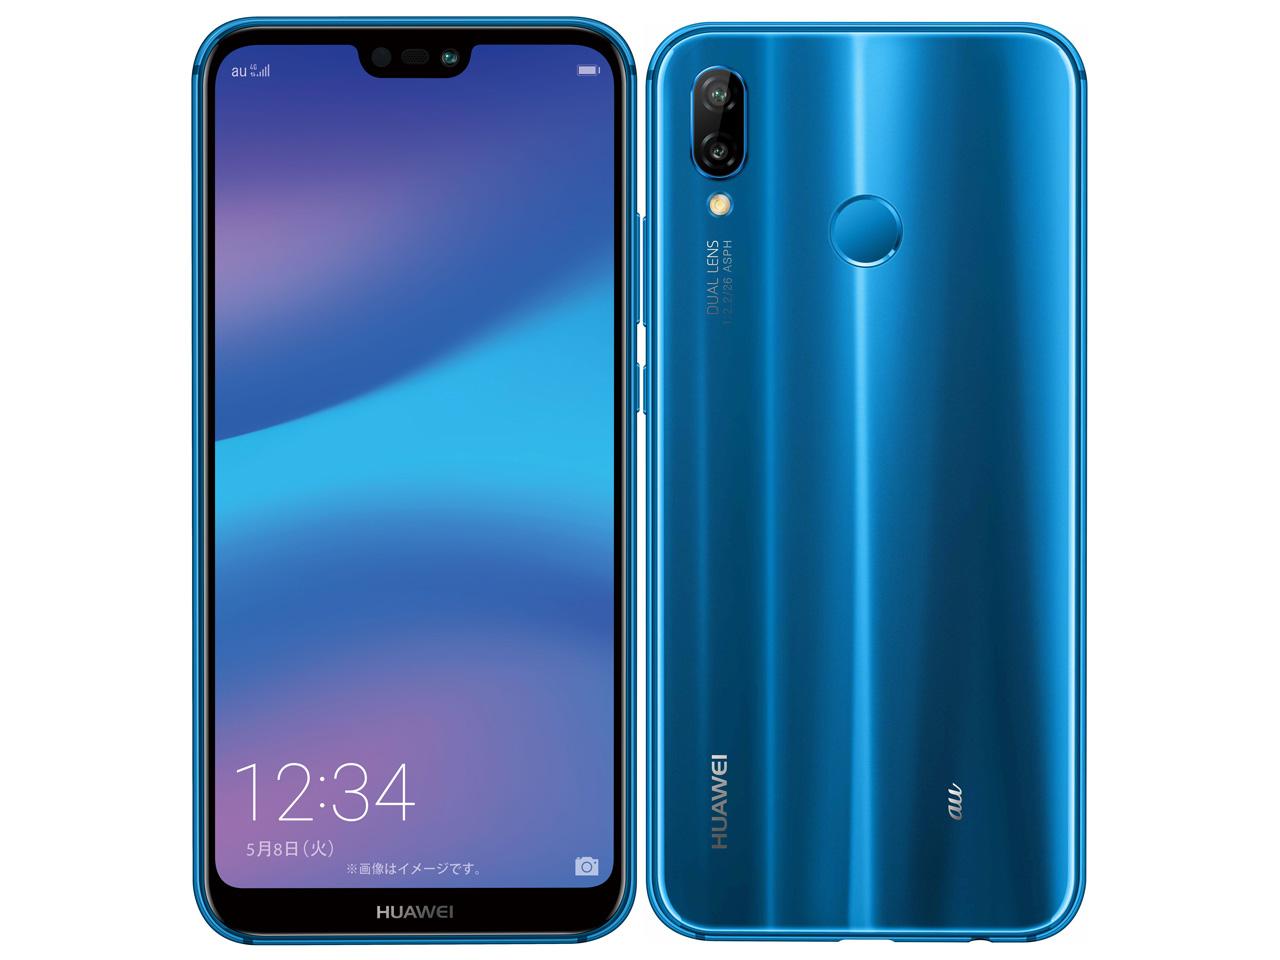 【新品・白ロム・本体】SIMロック解除済 HUAWEI P20 lite HWV32 クラインブルー スマートフォン 携帯電話 HWV32 hwv32 クラインブルー